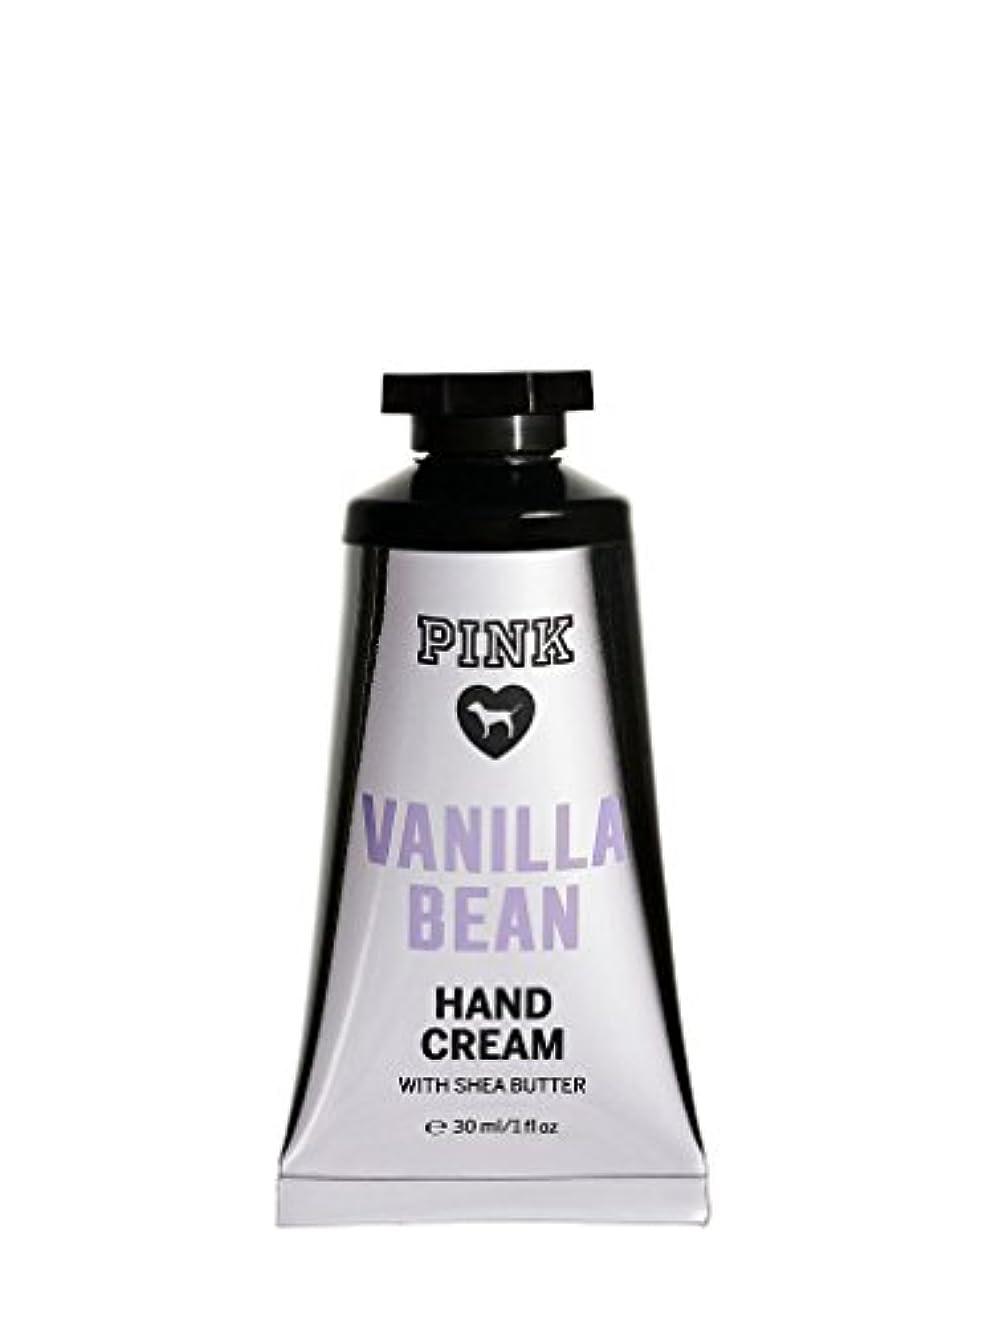 前売配管興味VICTORIA'S SECRET ヴィクトリアシークレット/ビクトリアシークレット PINK バニラビーンズ ハンドクリーム/PINK HAND CREAM [並行輸入品]